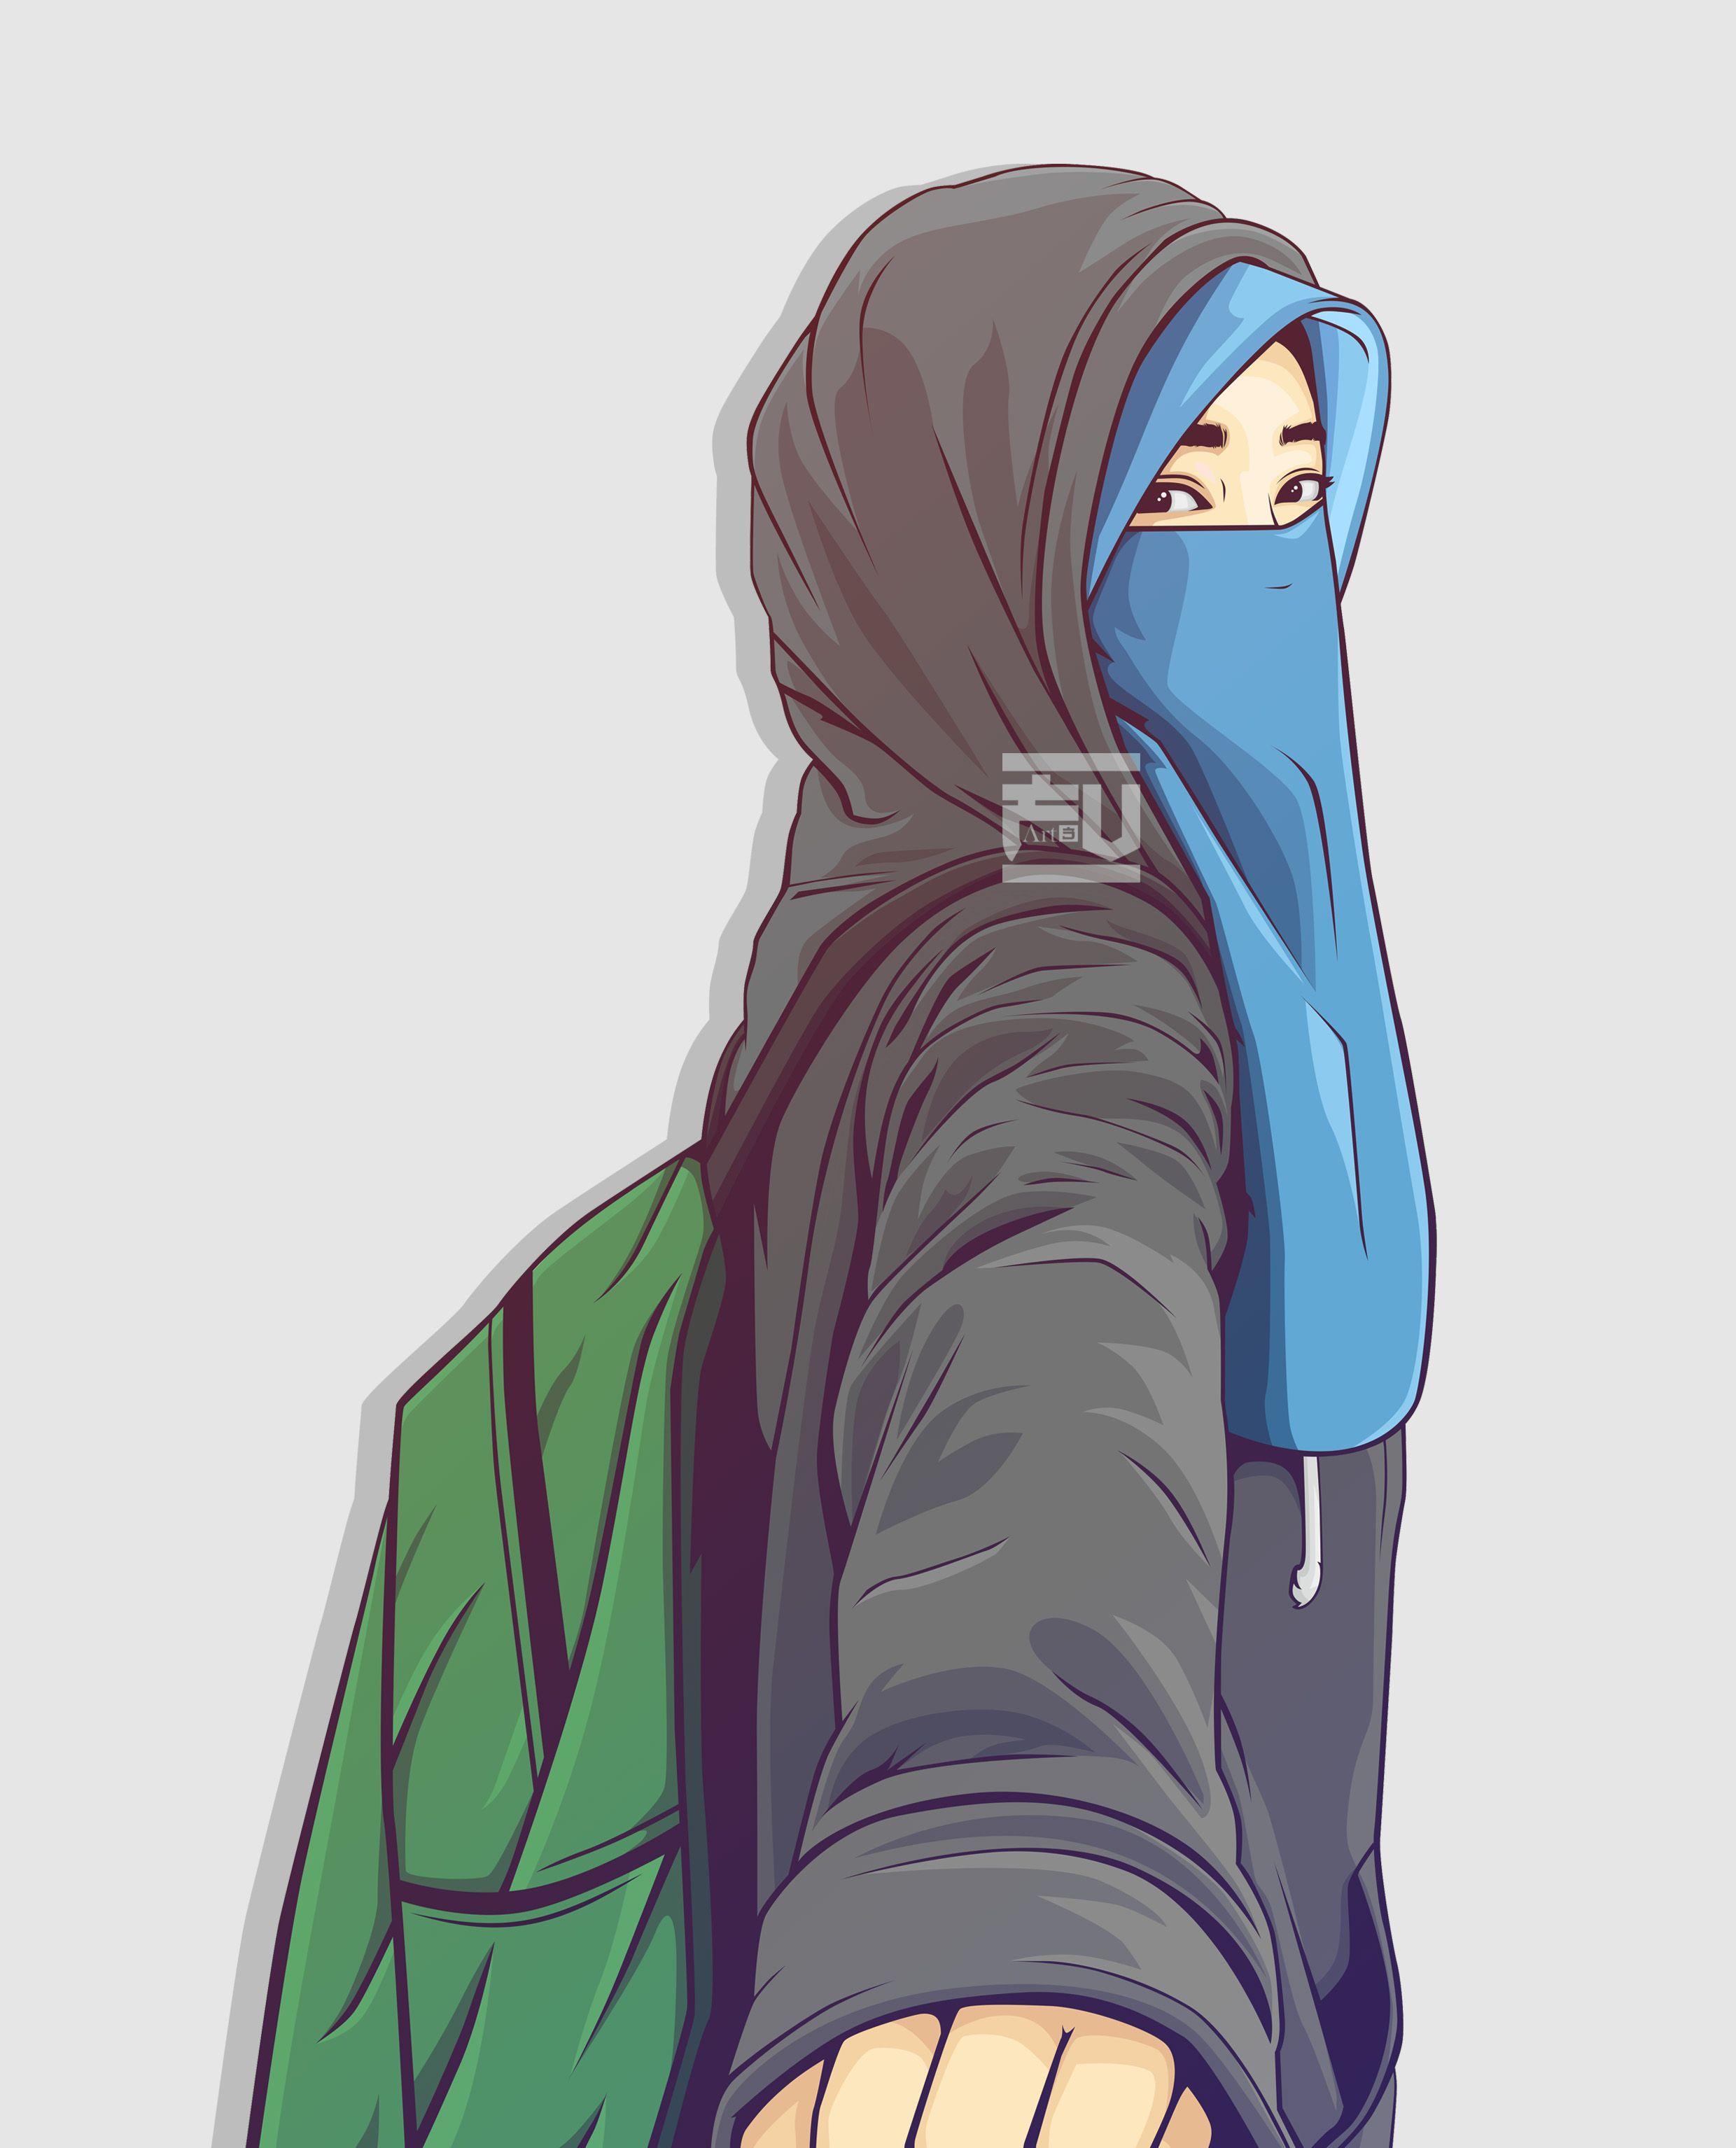 76 Gambar Animasi Hijab Keren Paling Hist